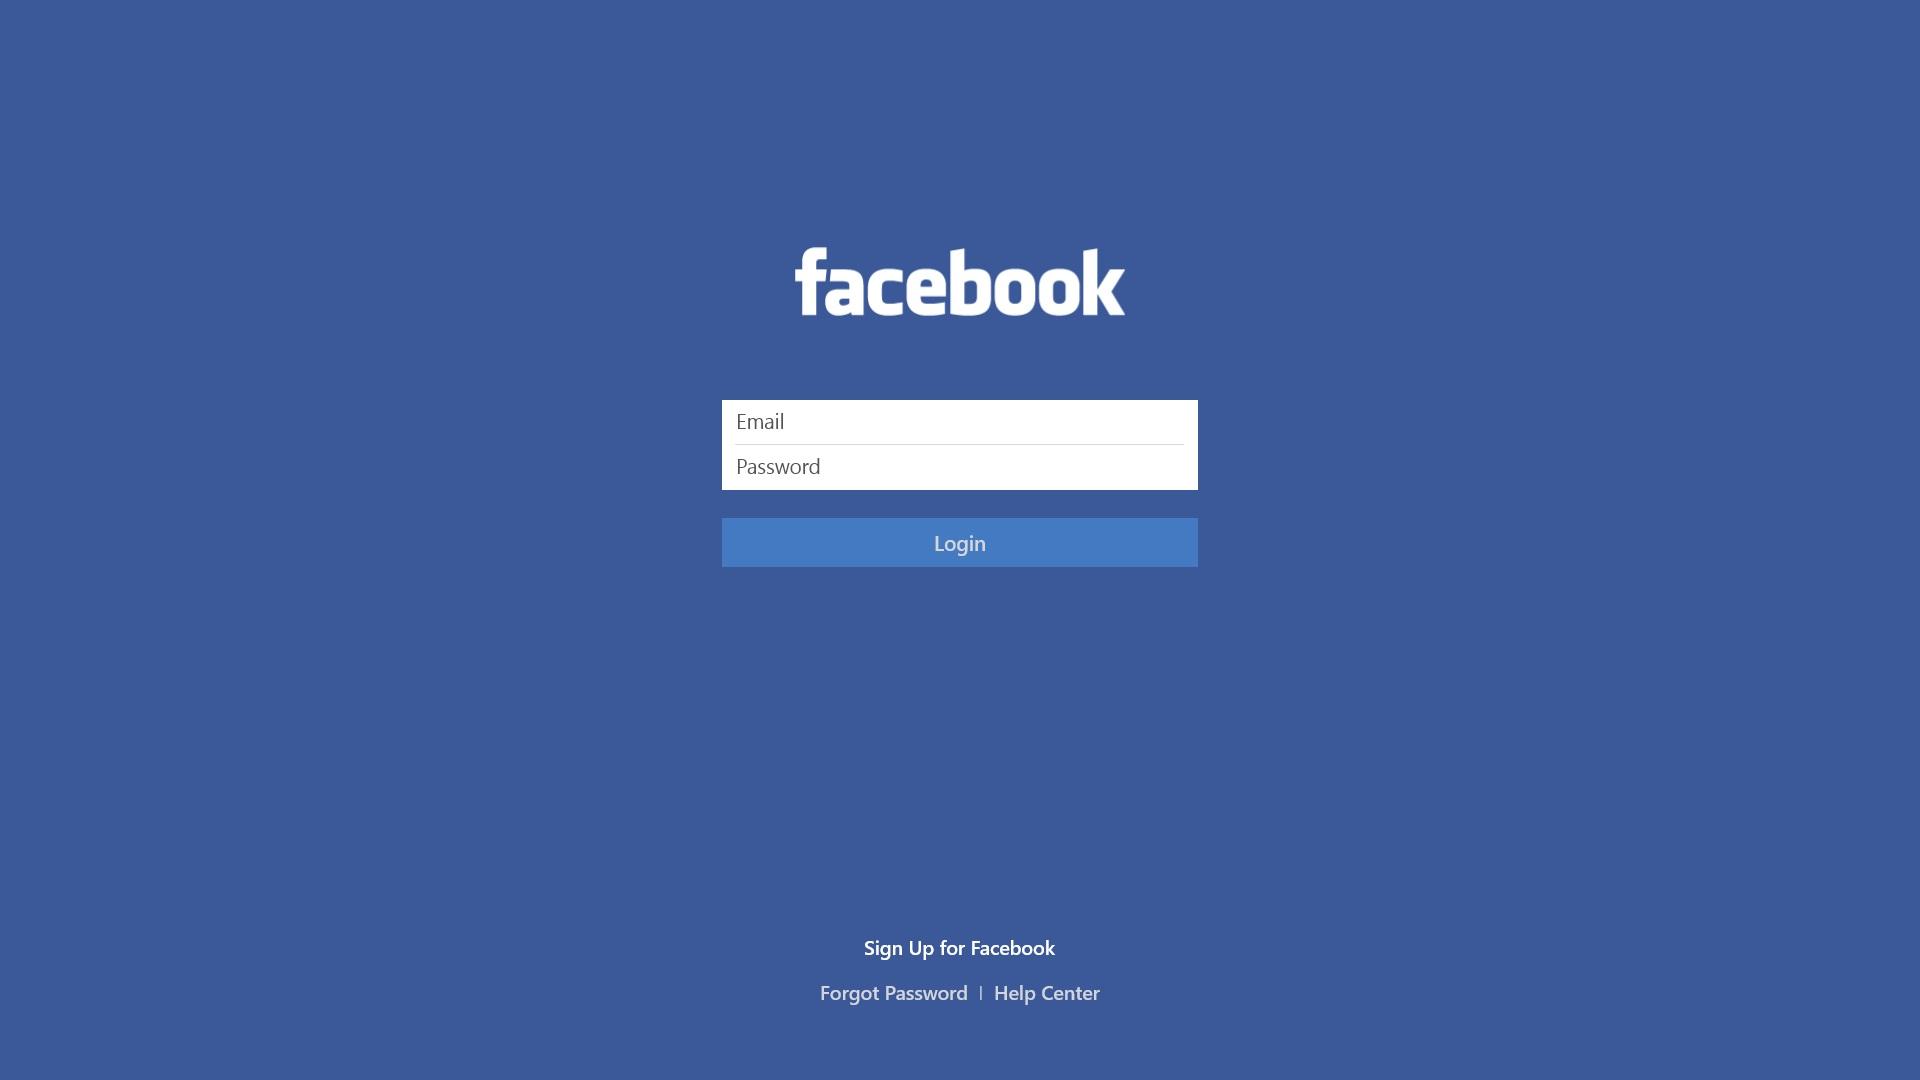 Så här använder du Facebook på Windows 8.1 (6)